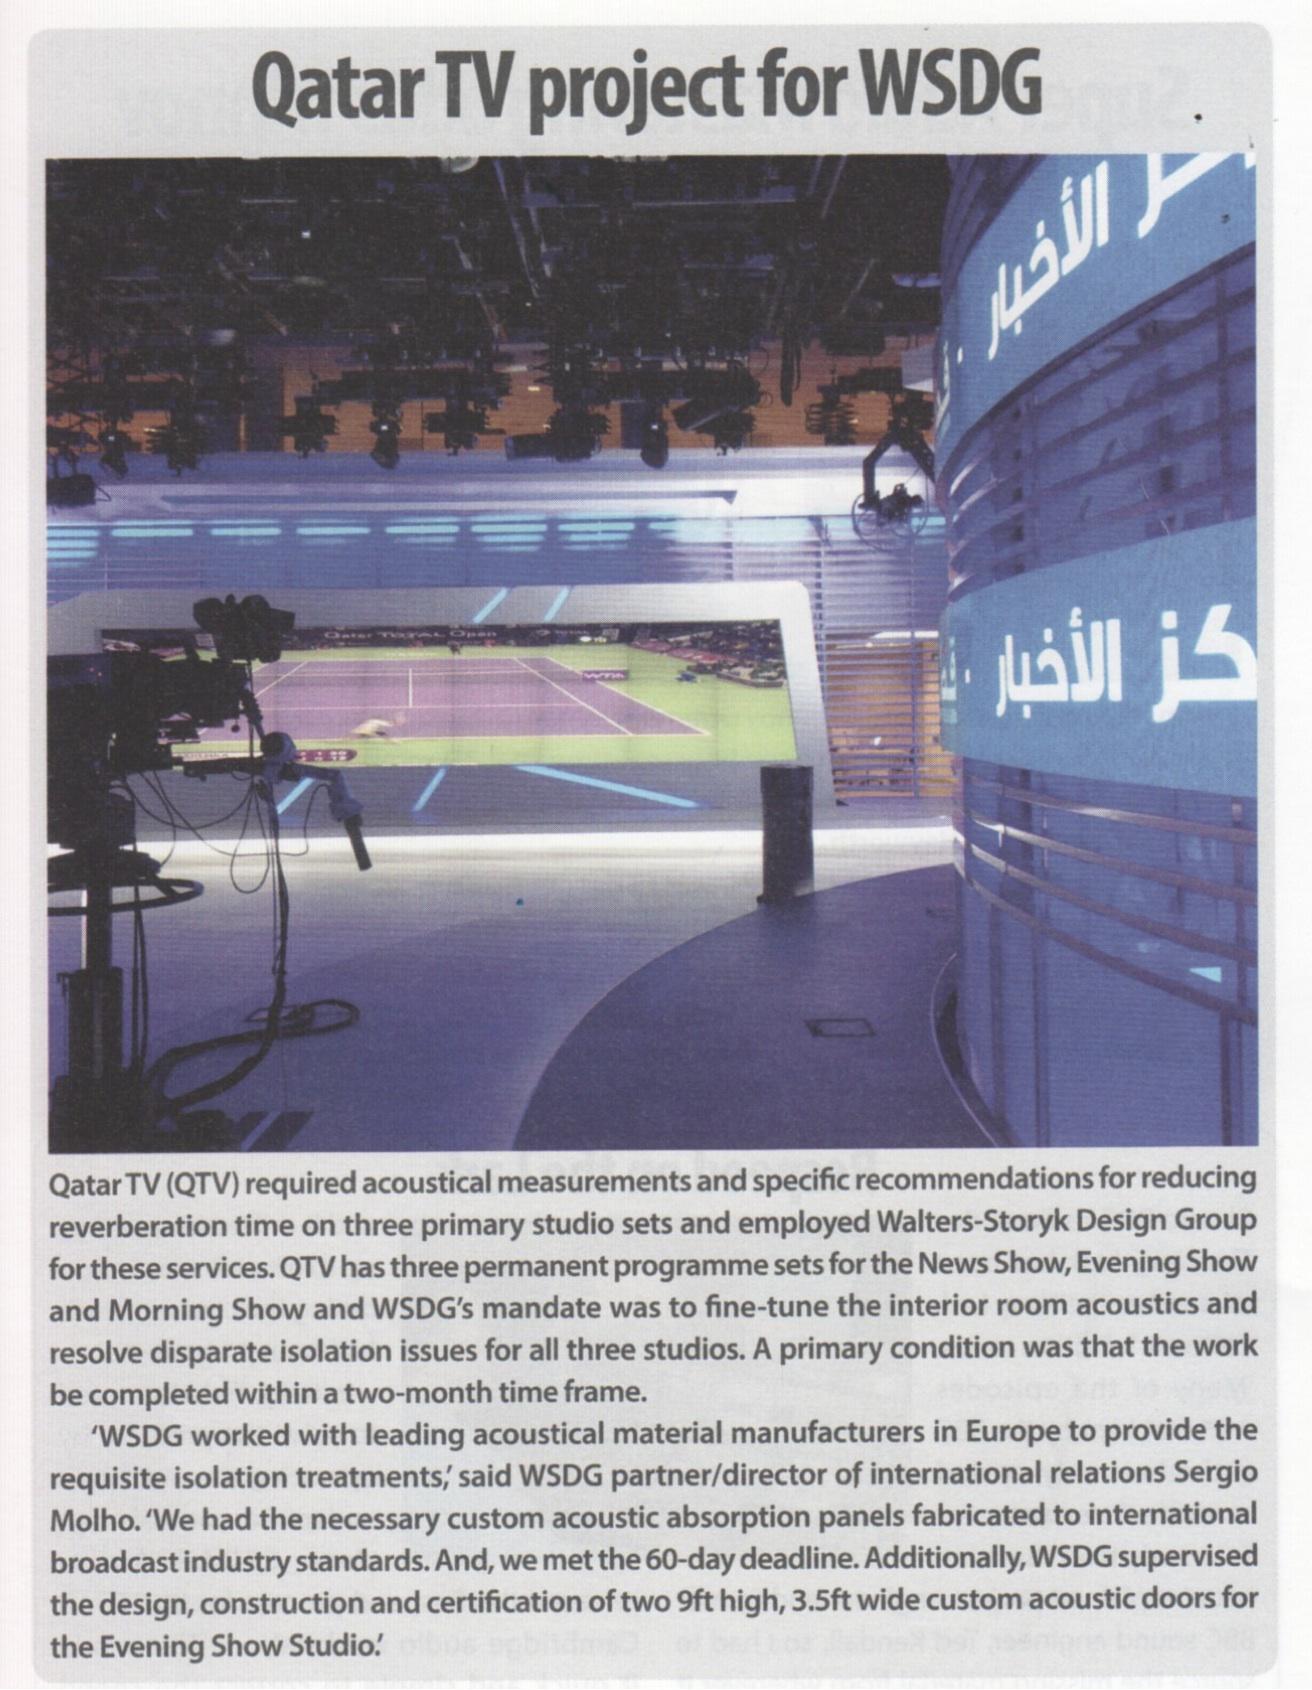 Qatar TV1